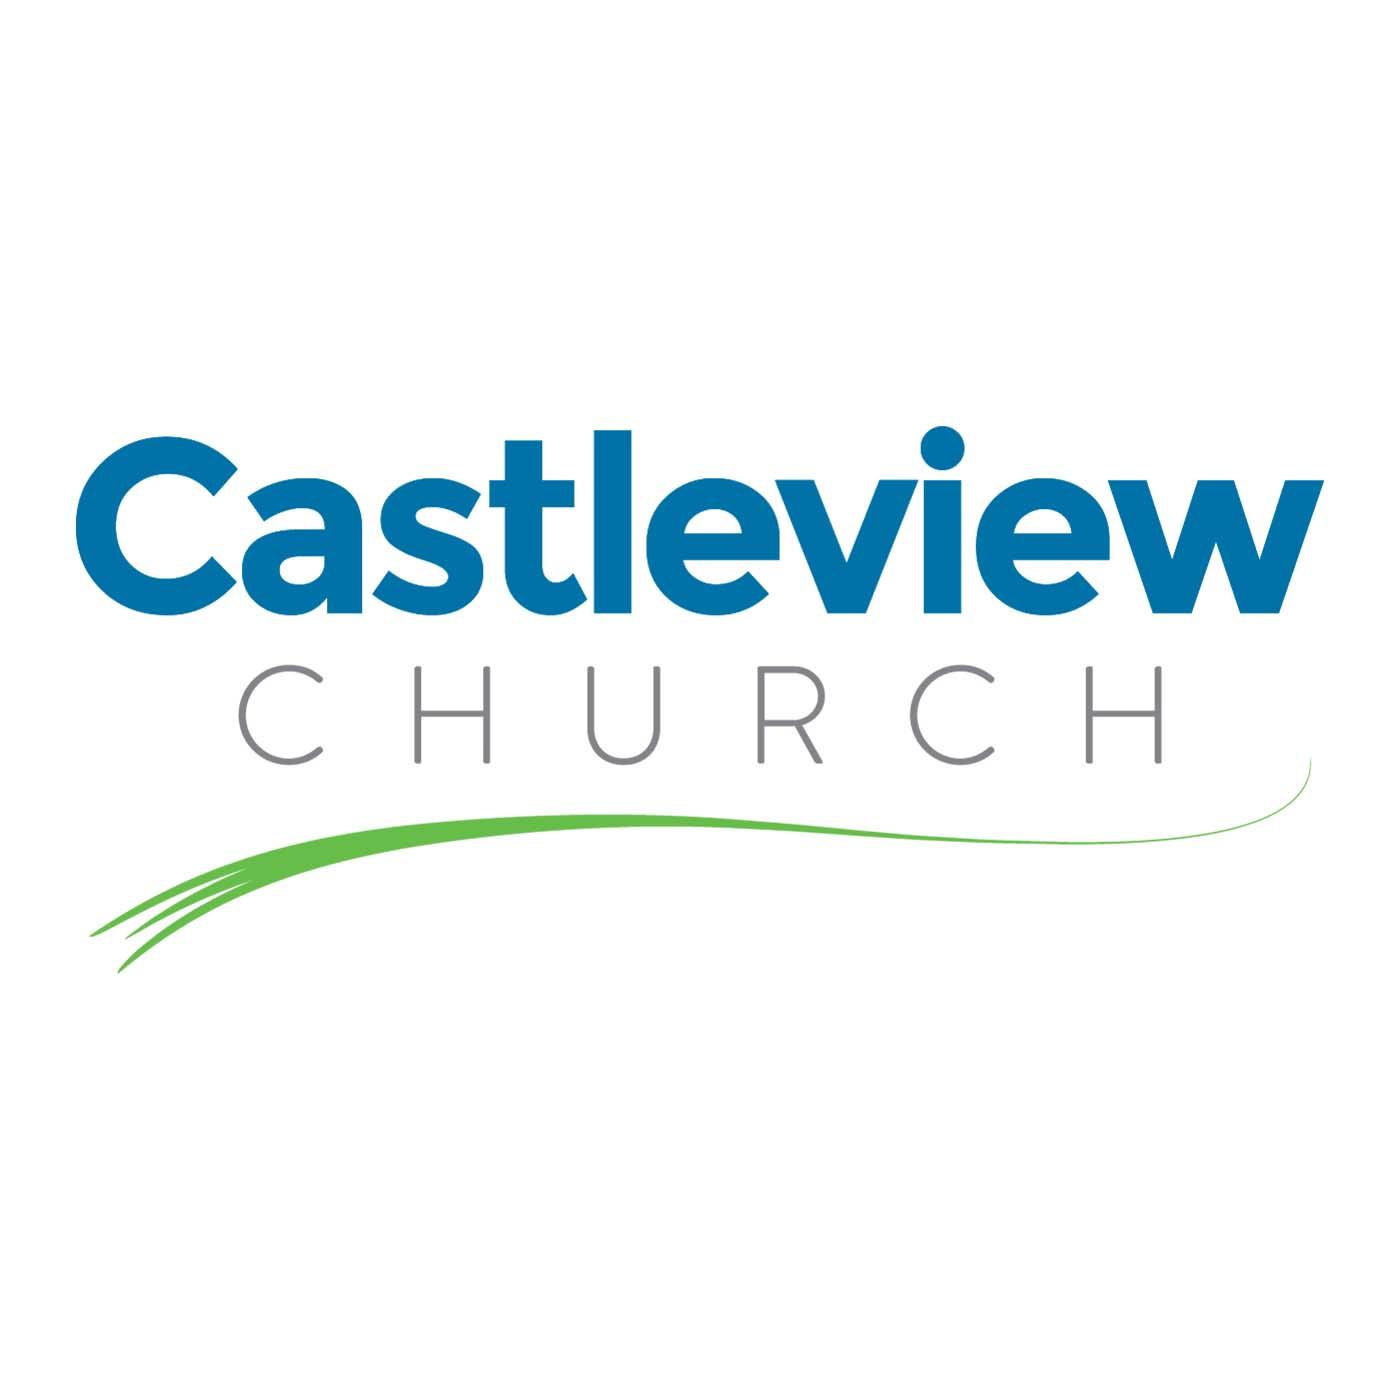 Castleview Church show art